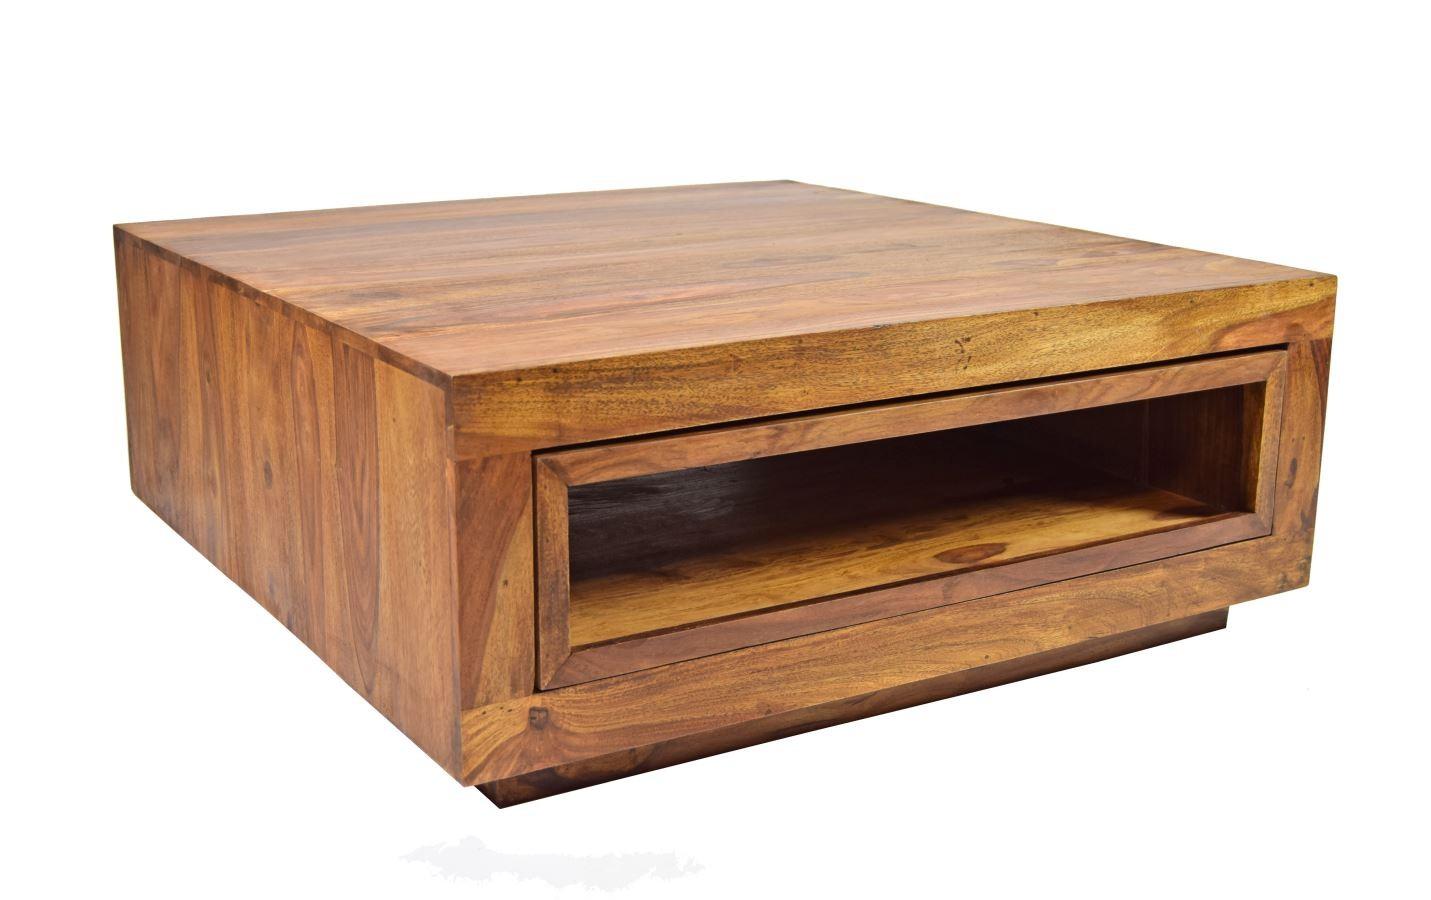 Massivholz couchtisch authentic block ausziehbar Рm̦bel ...